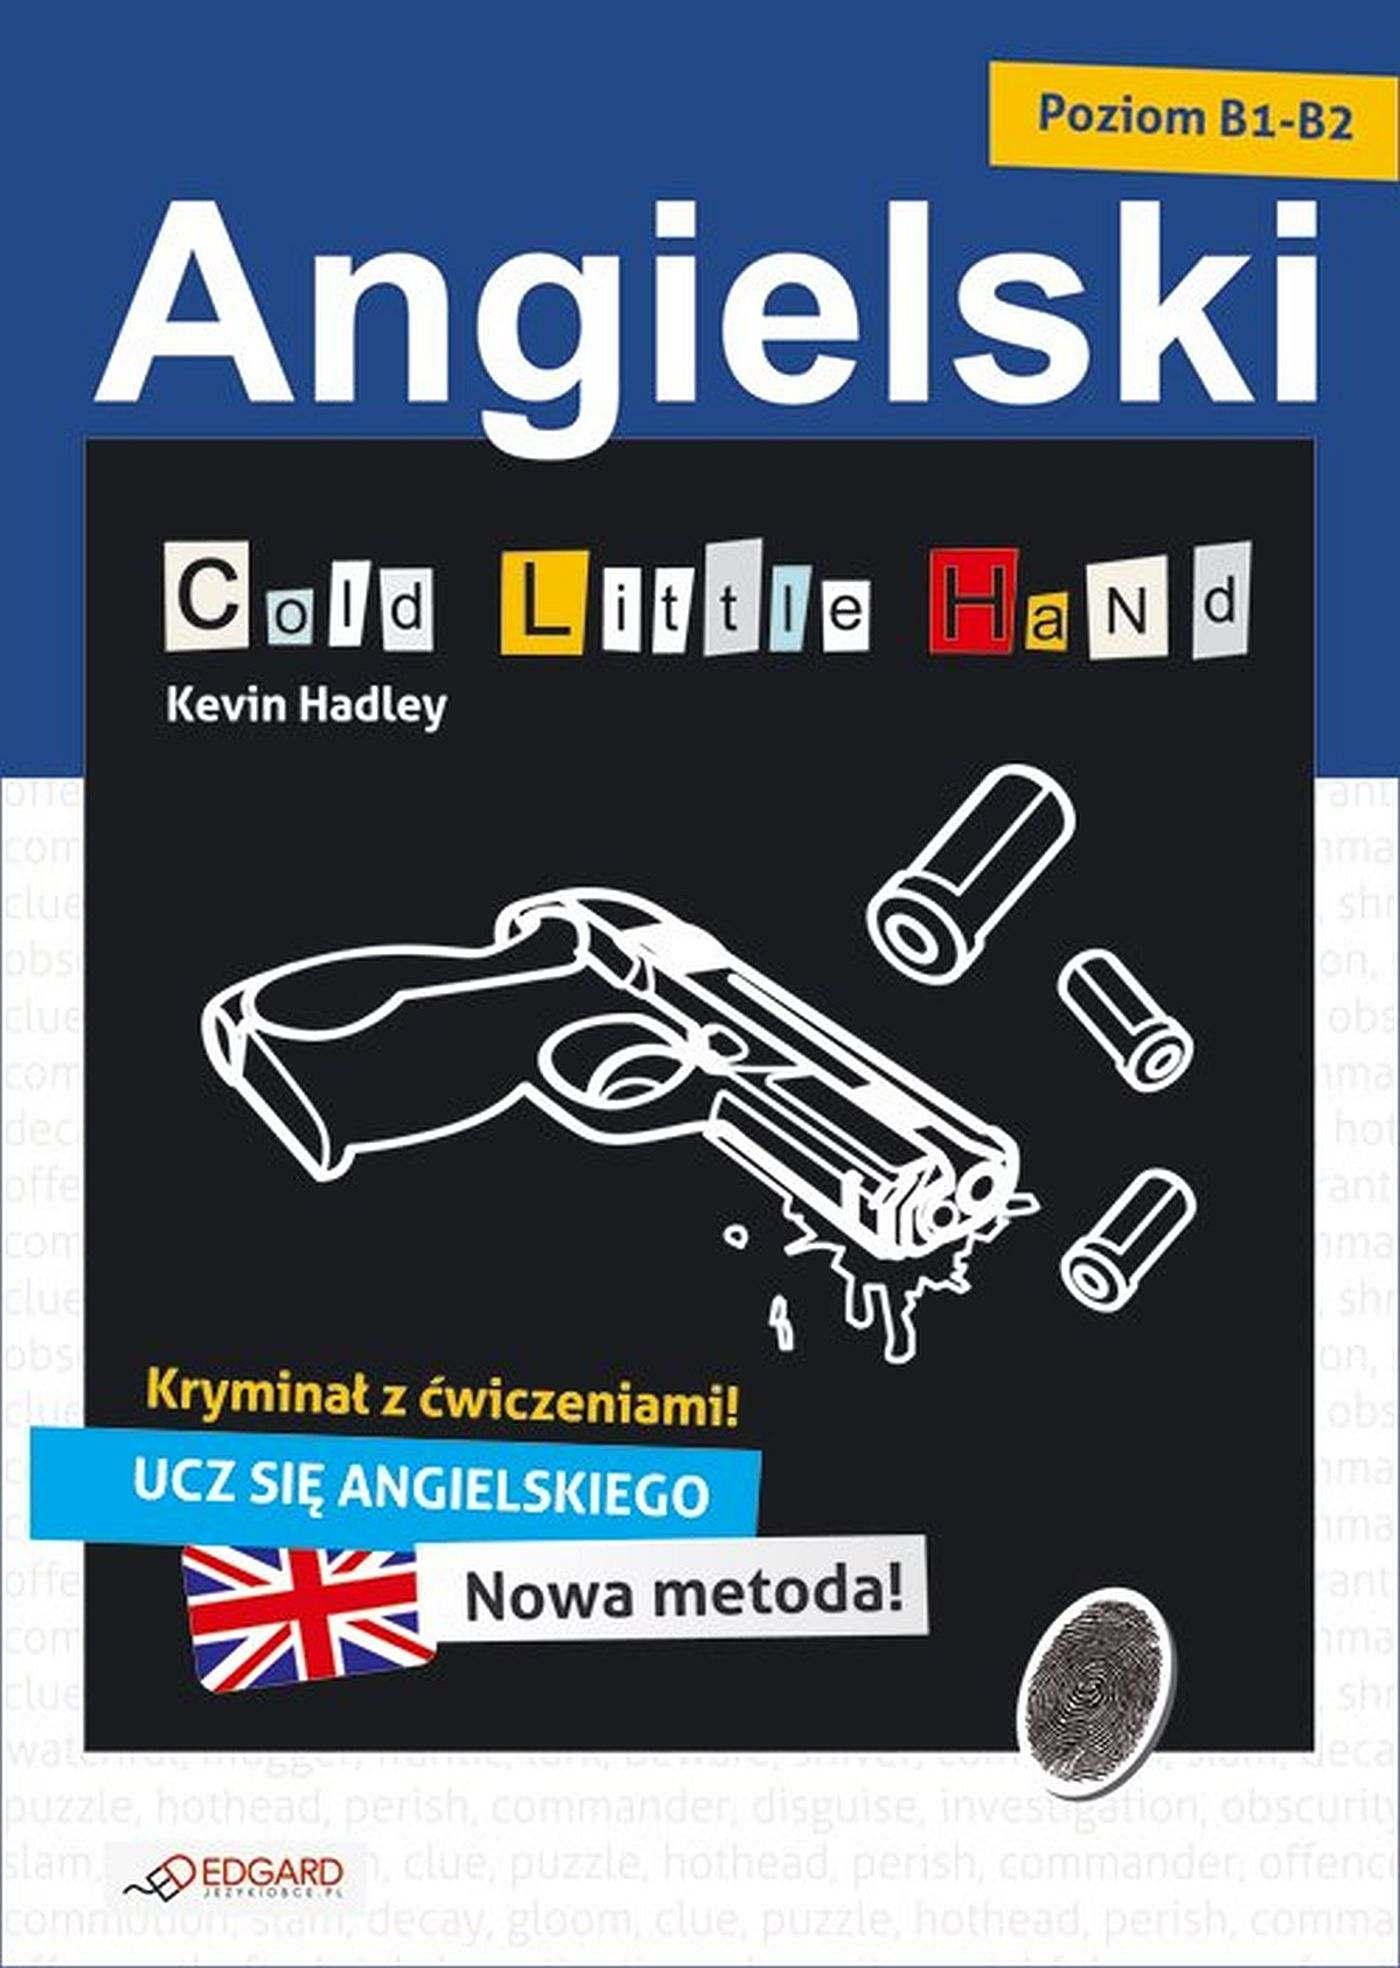 Angielski kryminał z ćwiczeniami. Cold Little Hand - Ebook (Książka EPUB) do pobrania w formacie EPUB